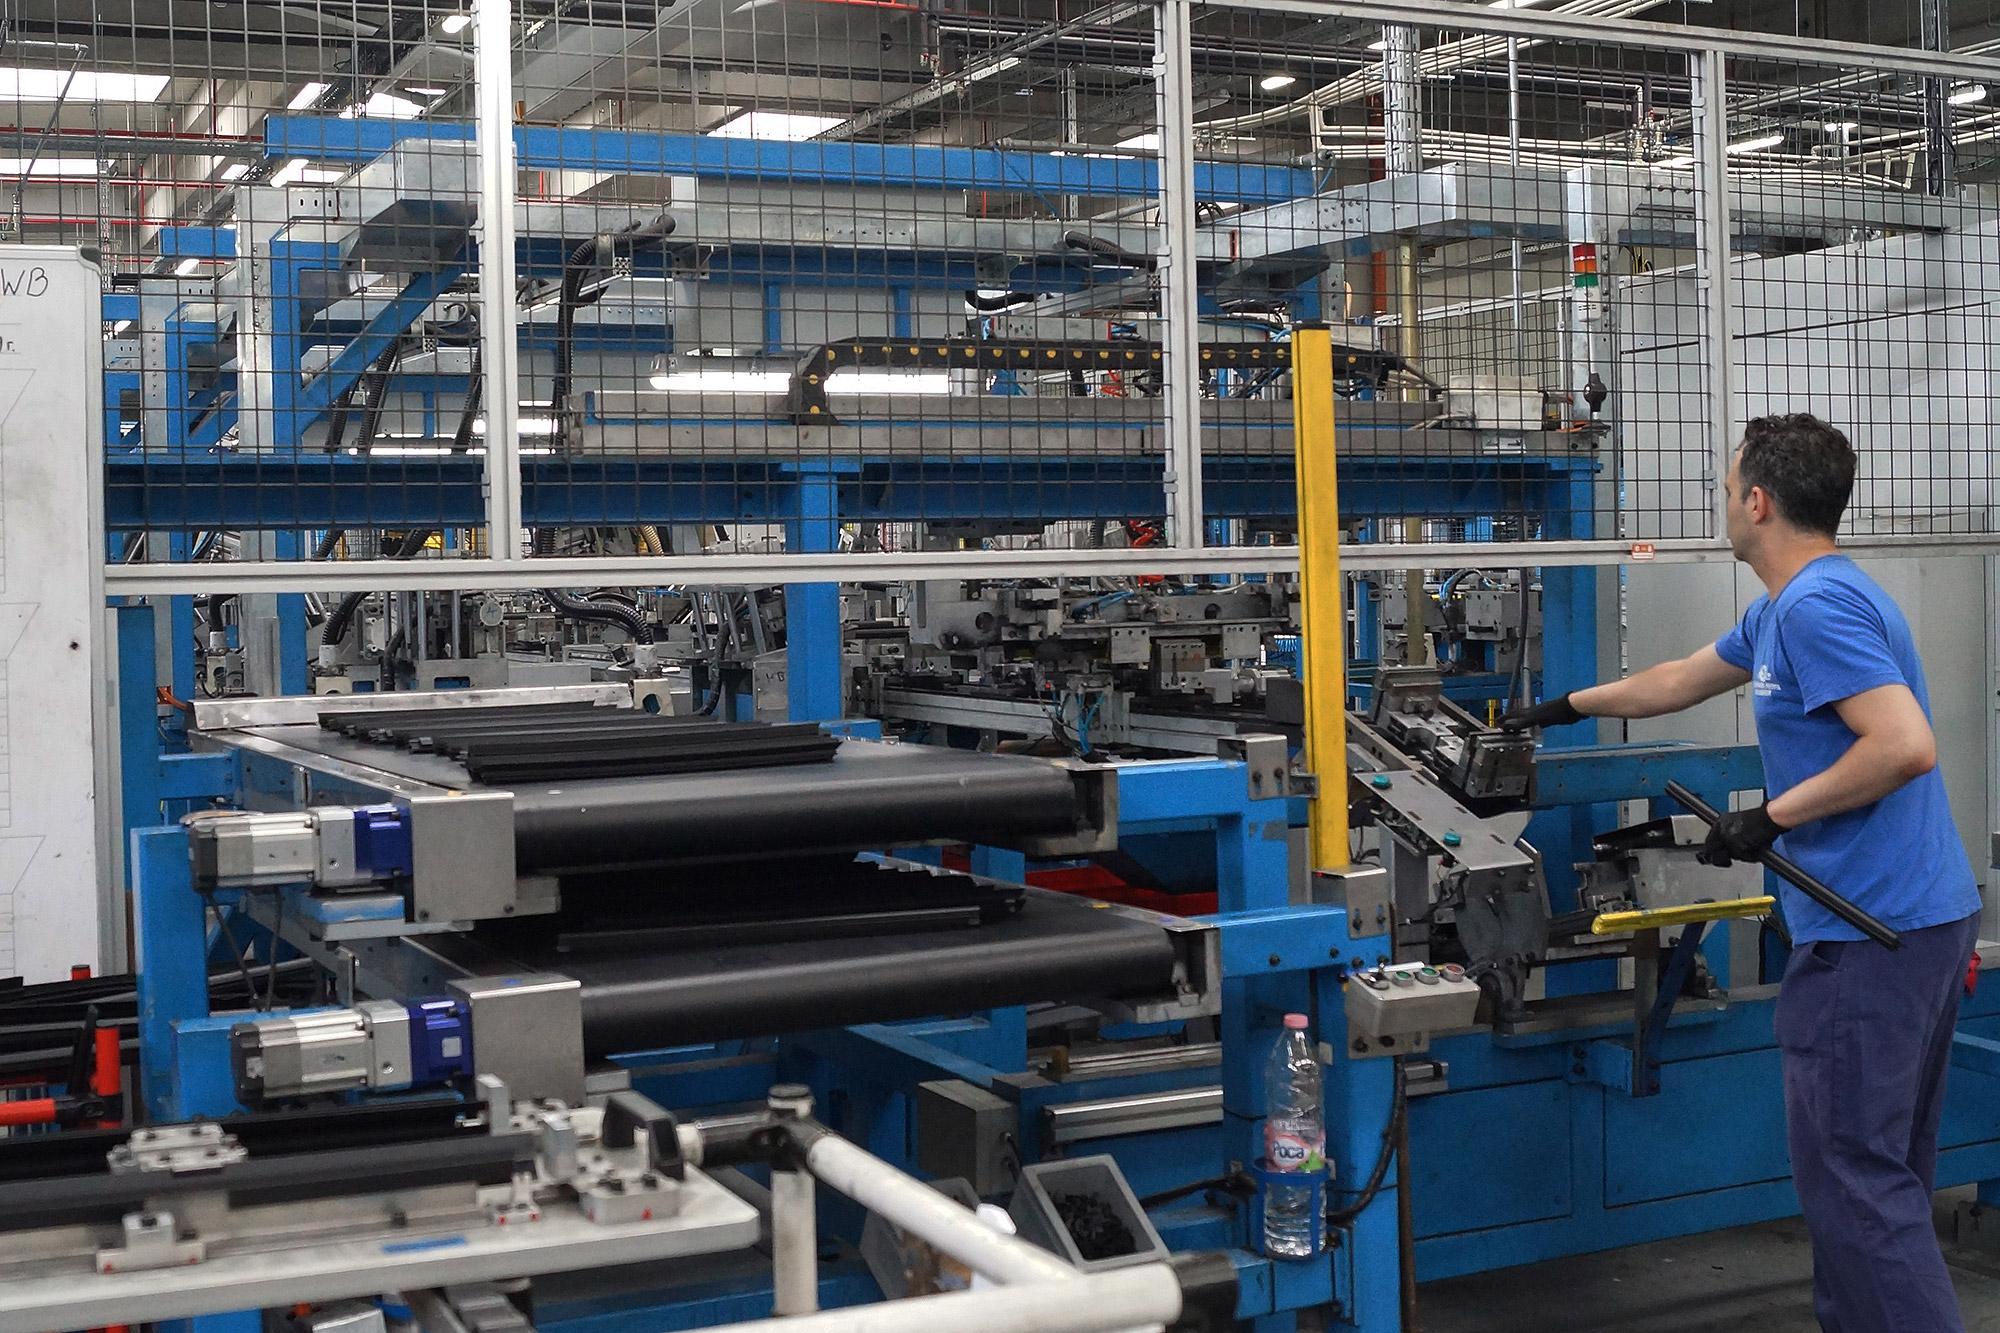 雖然台灣無法自中國輸入成車產品,但中國製造的零件已經深入國產組裝廠的供應鏈。